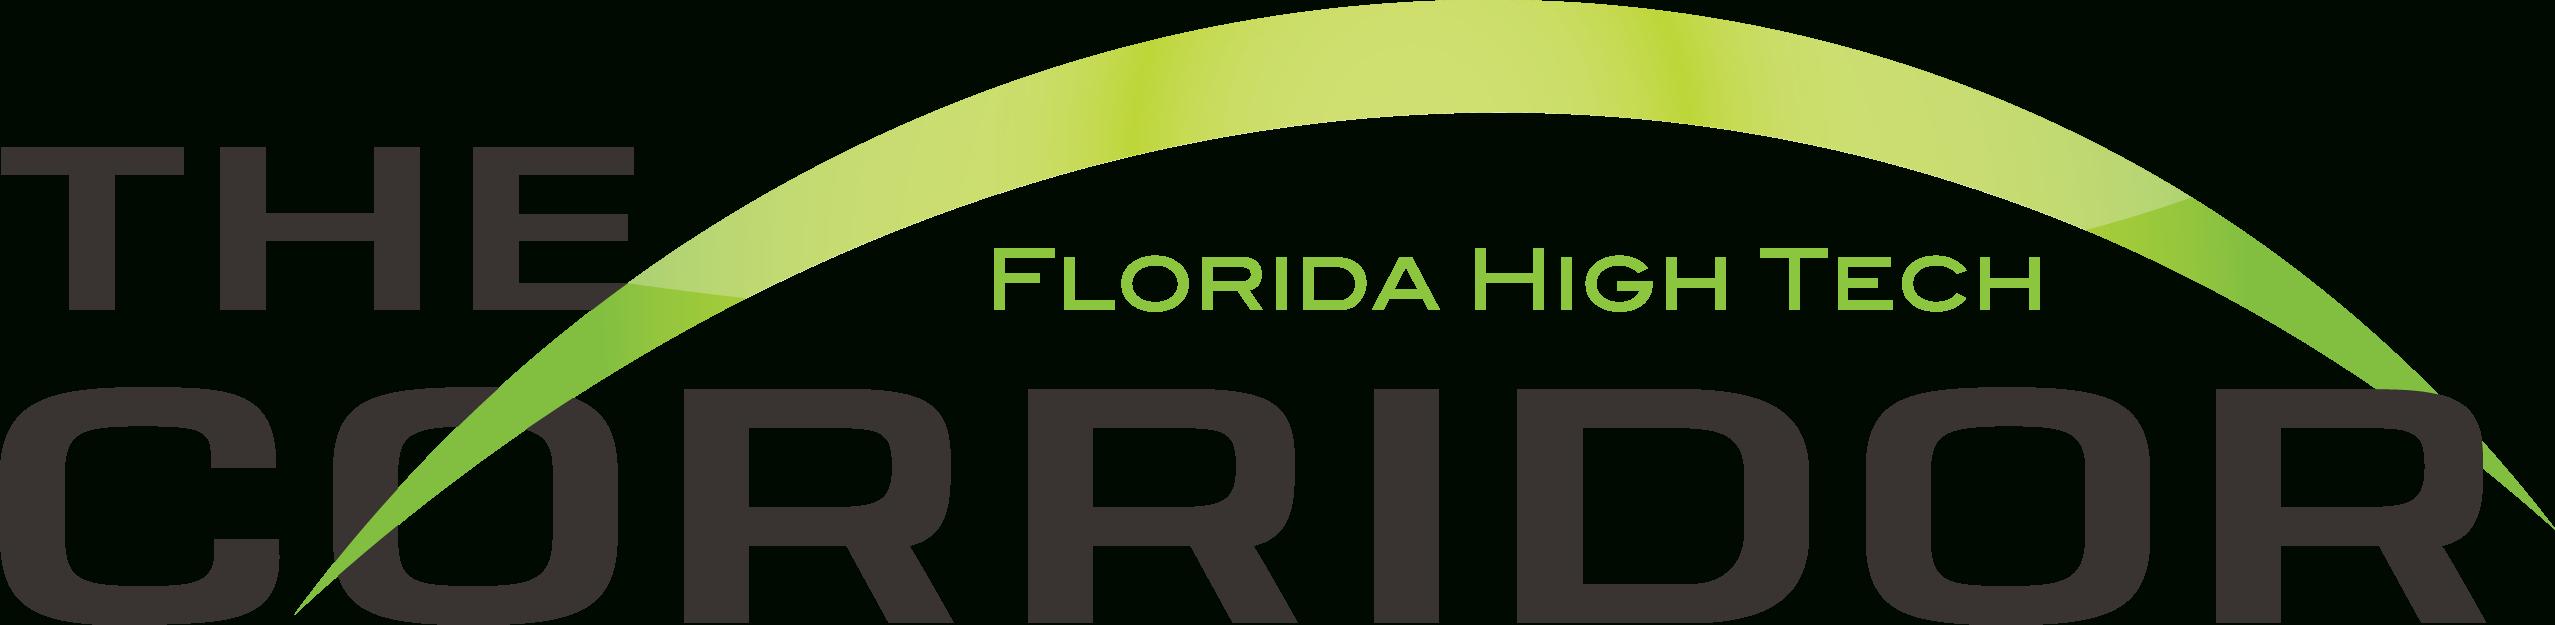 Florida High Tech Corridor » The Florida High Tech Corridor Is A - Florida High Tech Corridor Map